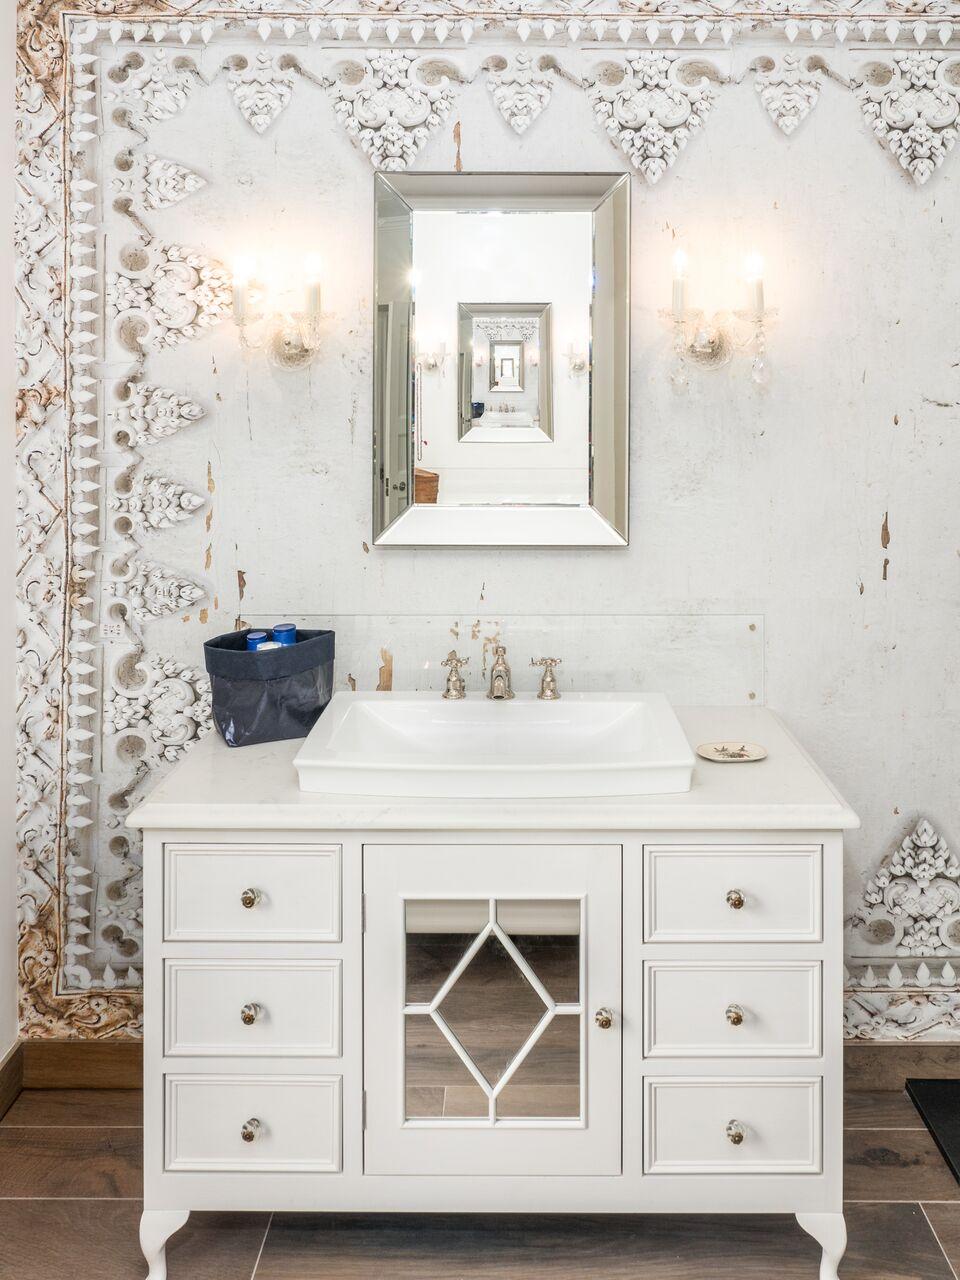 mainbathroom-5.jpg